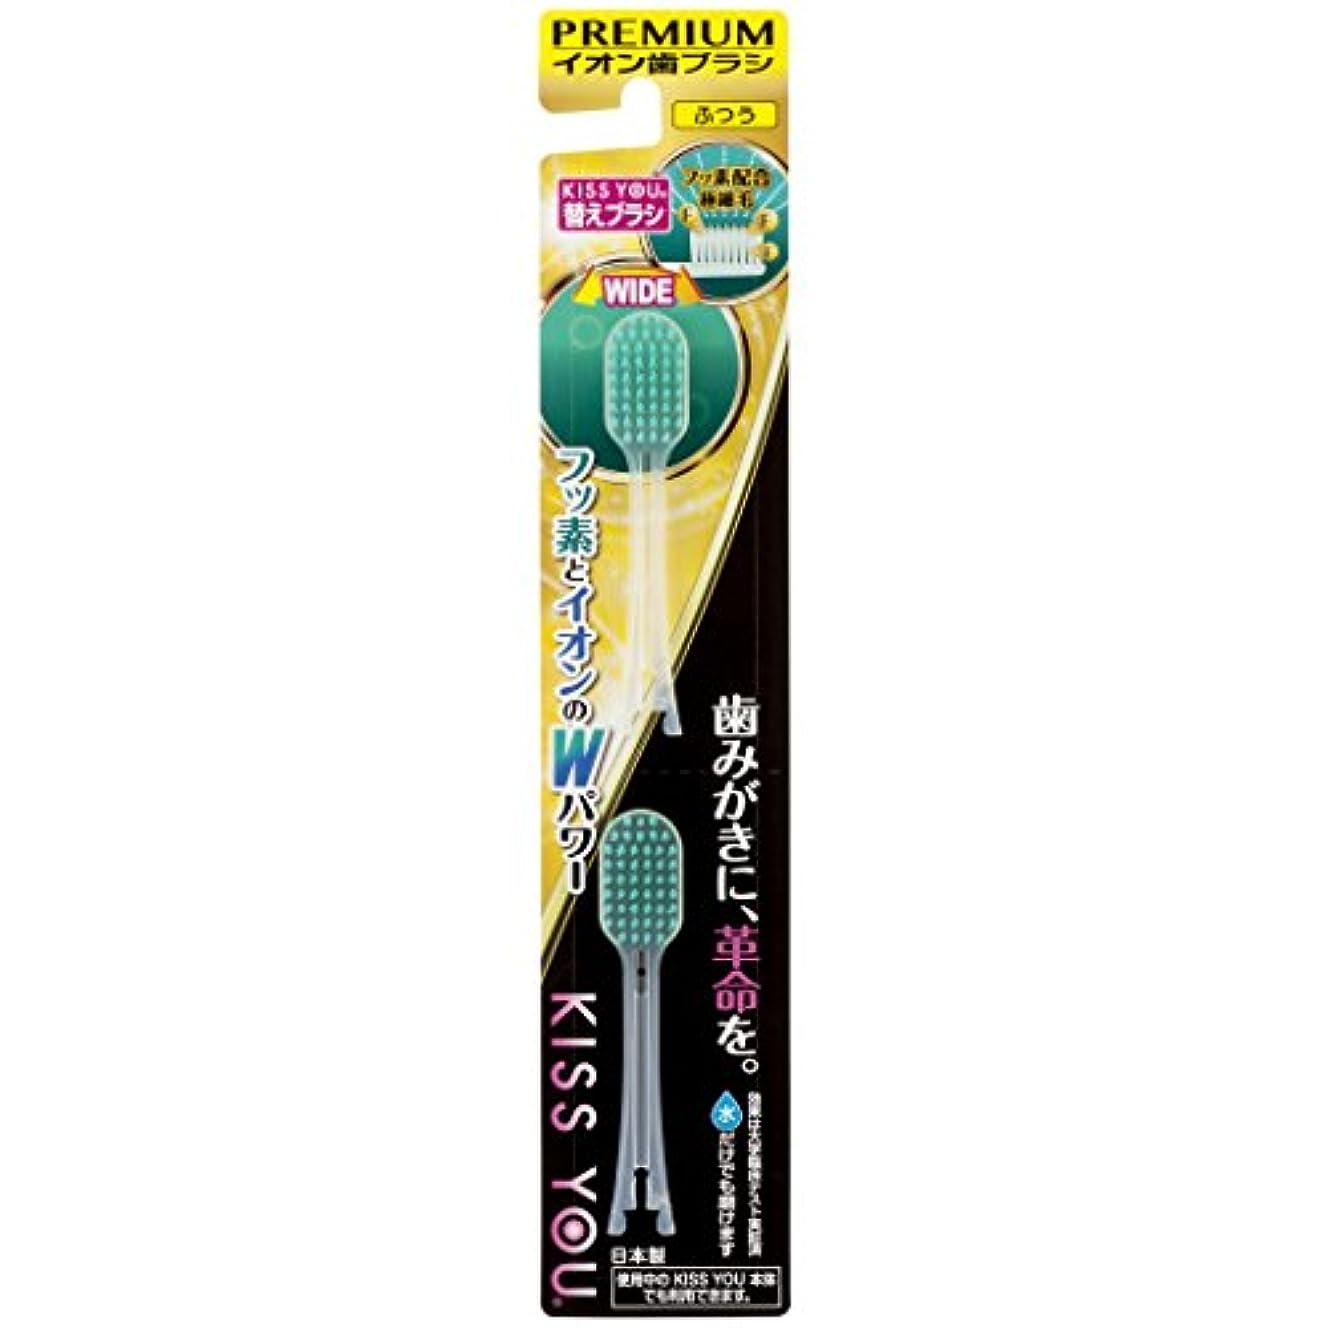 透過性耐久日KISS YOU 歯ブラシ フッ素ワイドヘッド+C63:F134 替え ふつう (2本入り)